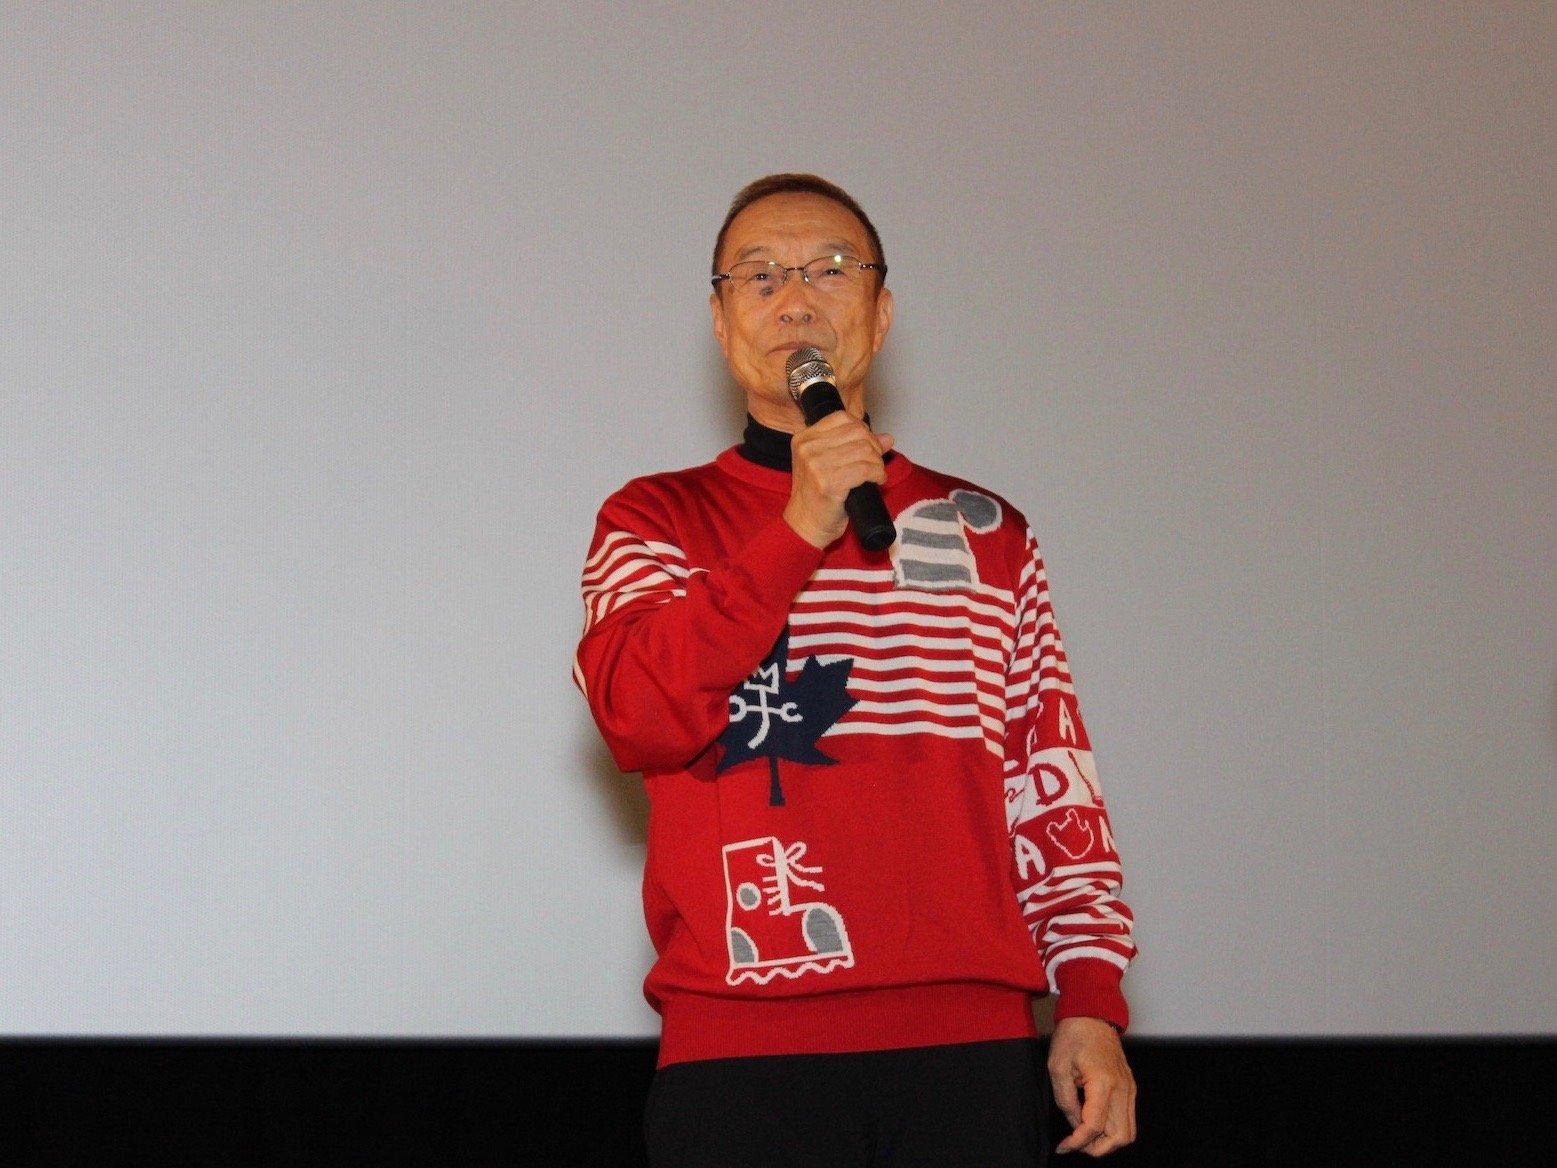 神谷明が実写『シティハンター』山寺宏一のリョウ役を絶賛!「最初からこの声だったんだ」の画像002